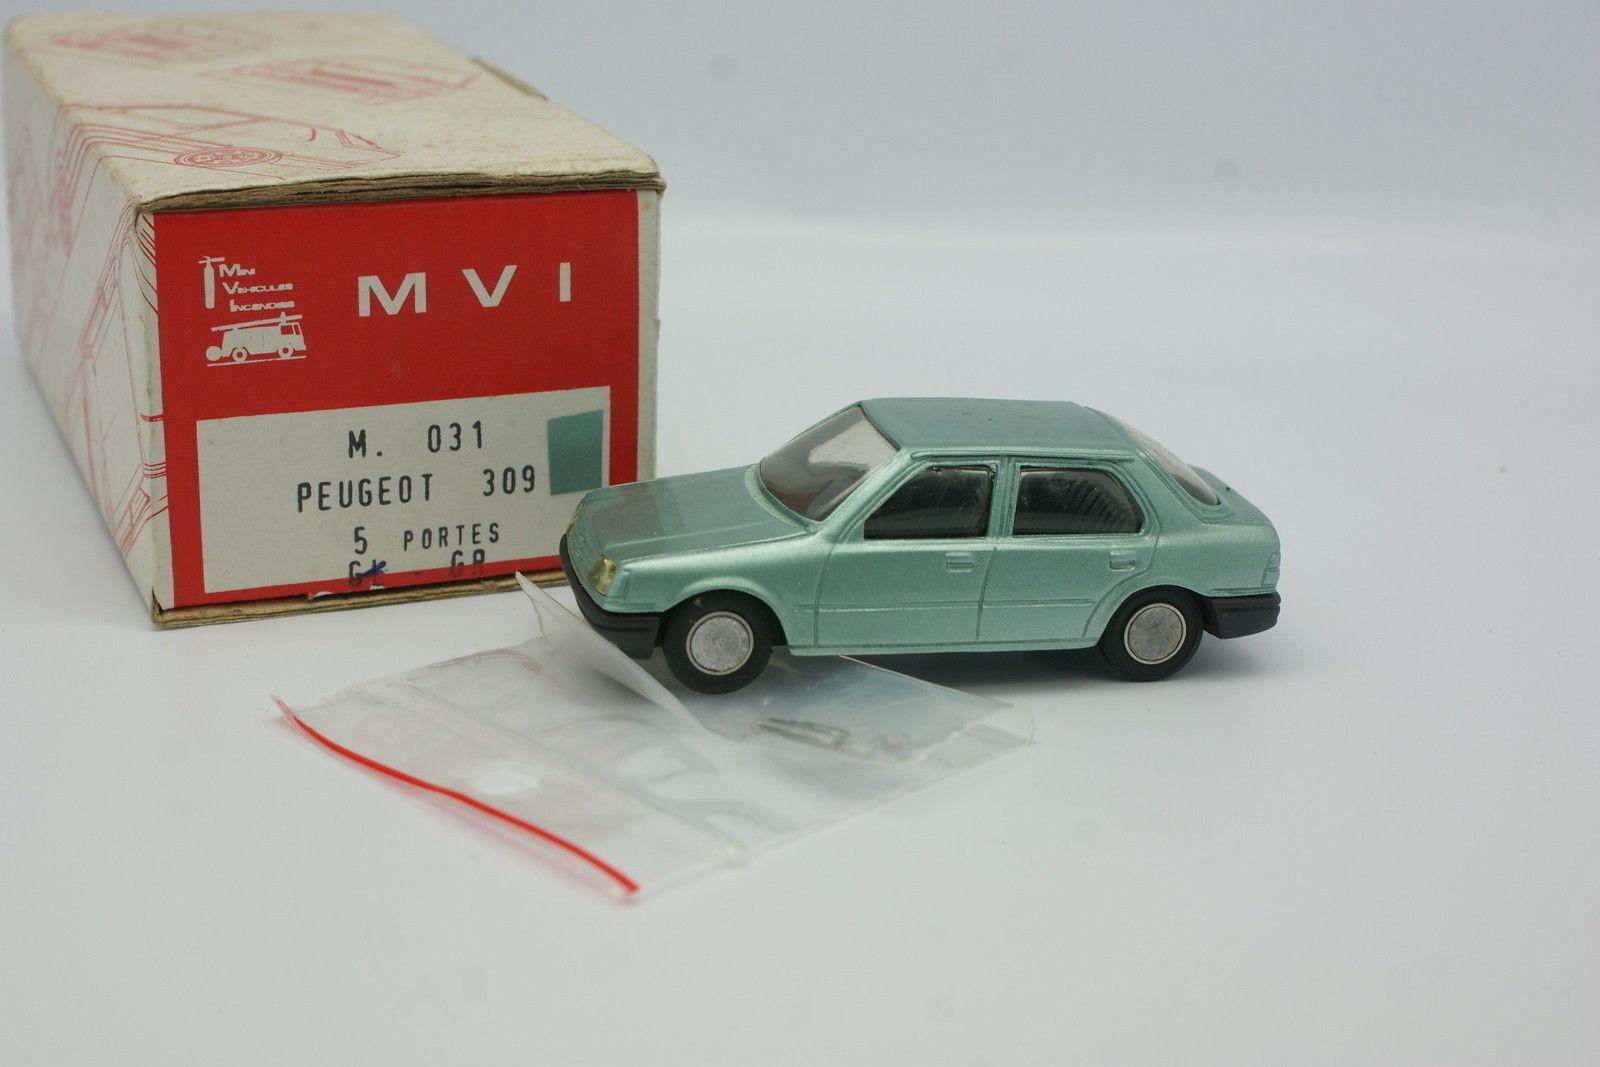 MVI Résine 1 43 - Peugeot 309 GR 5  portes verte  à vendre